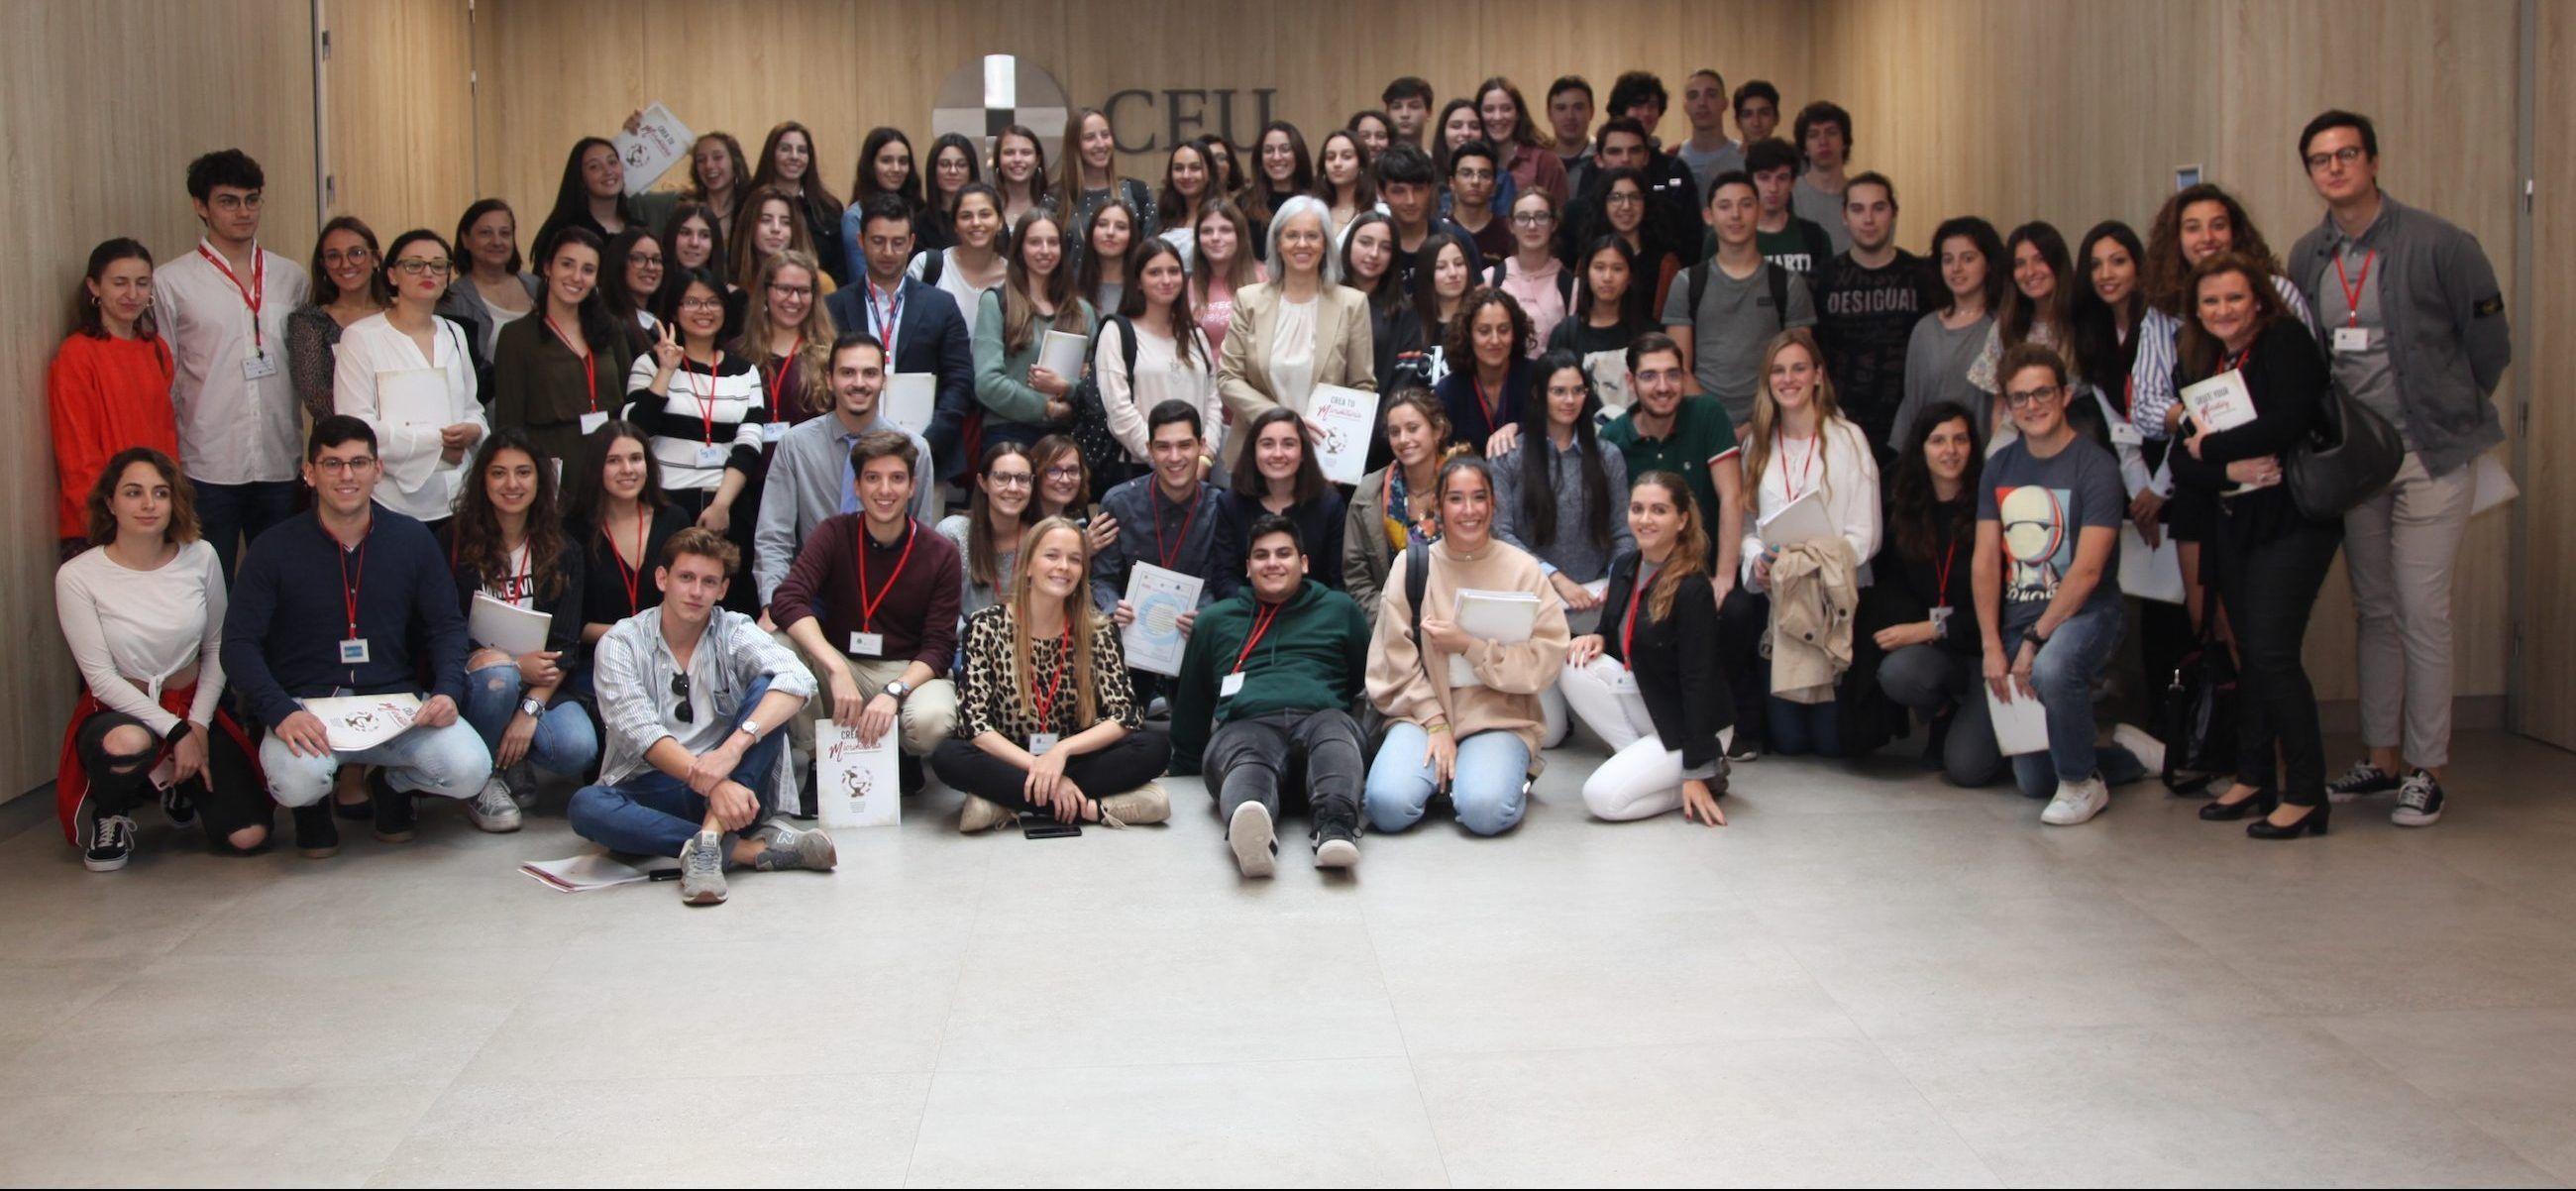 Escolares y universitarios participantes en el proyecto SWICEU, tras la entrega de los diplomas a los participantes en la Facultad de Ciencias de la Salud de la CEU UCH.